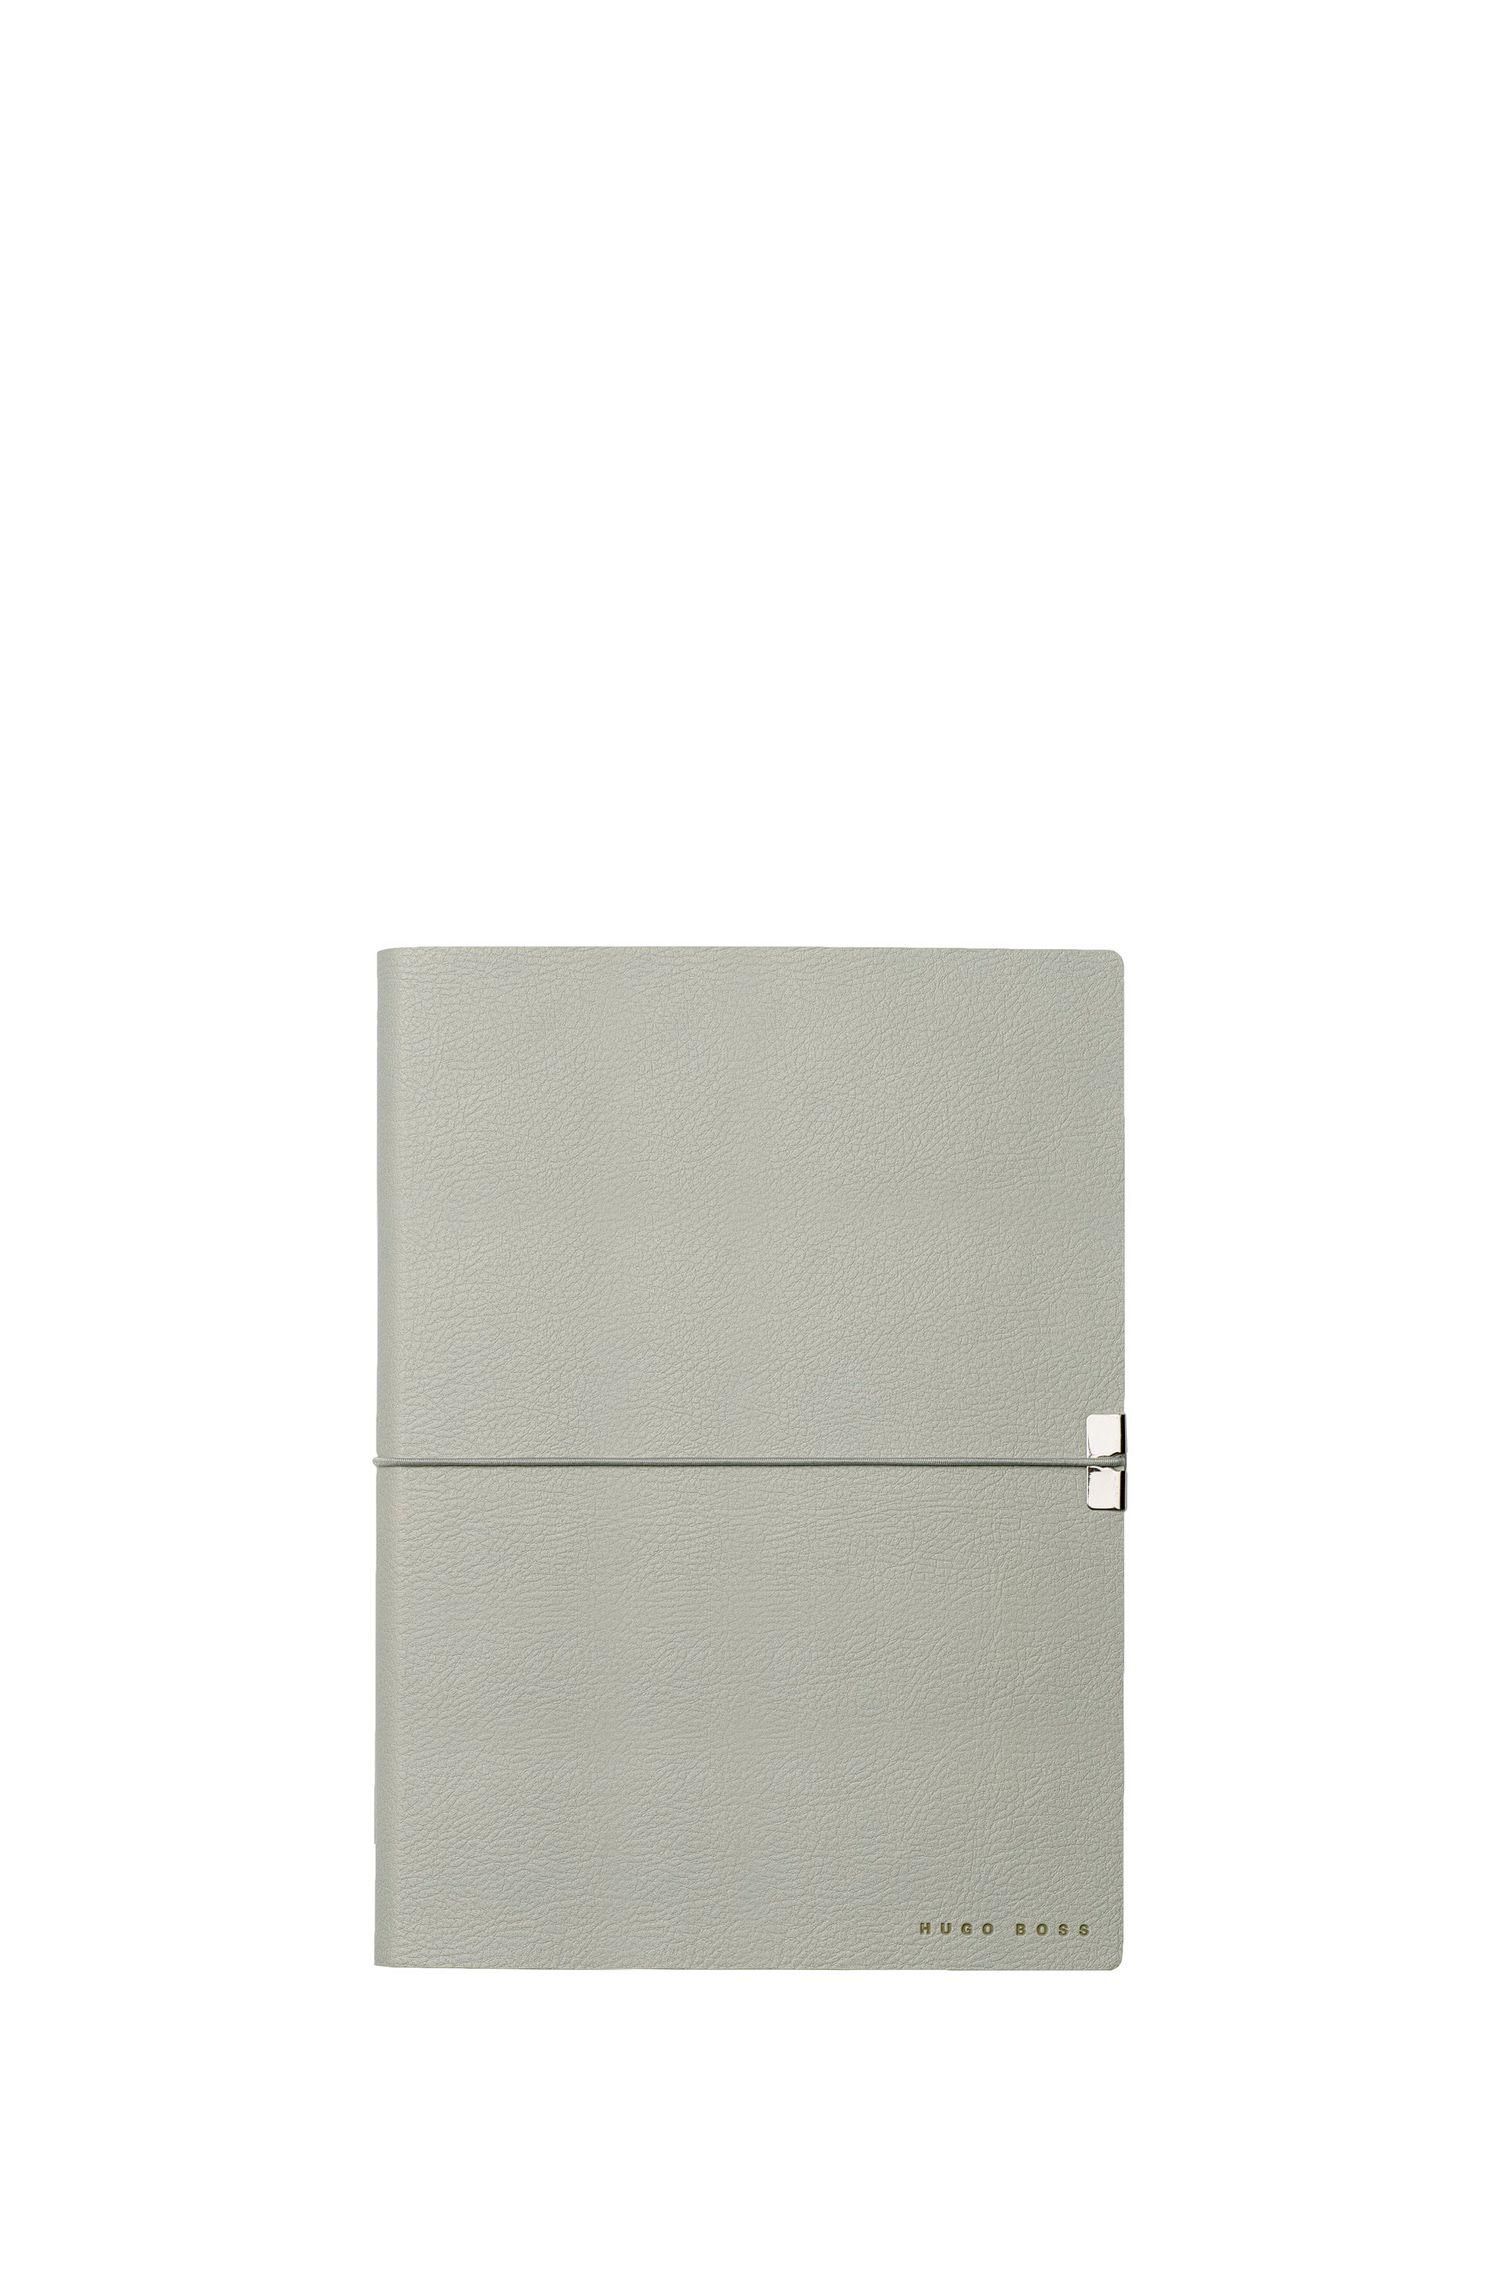 Cuaderno A5 en piel sintética gris